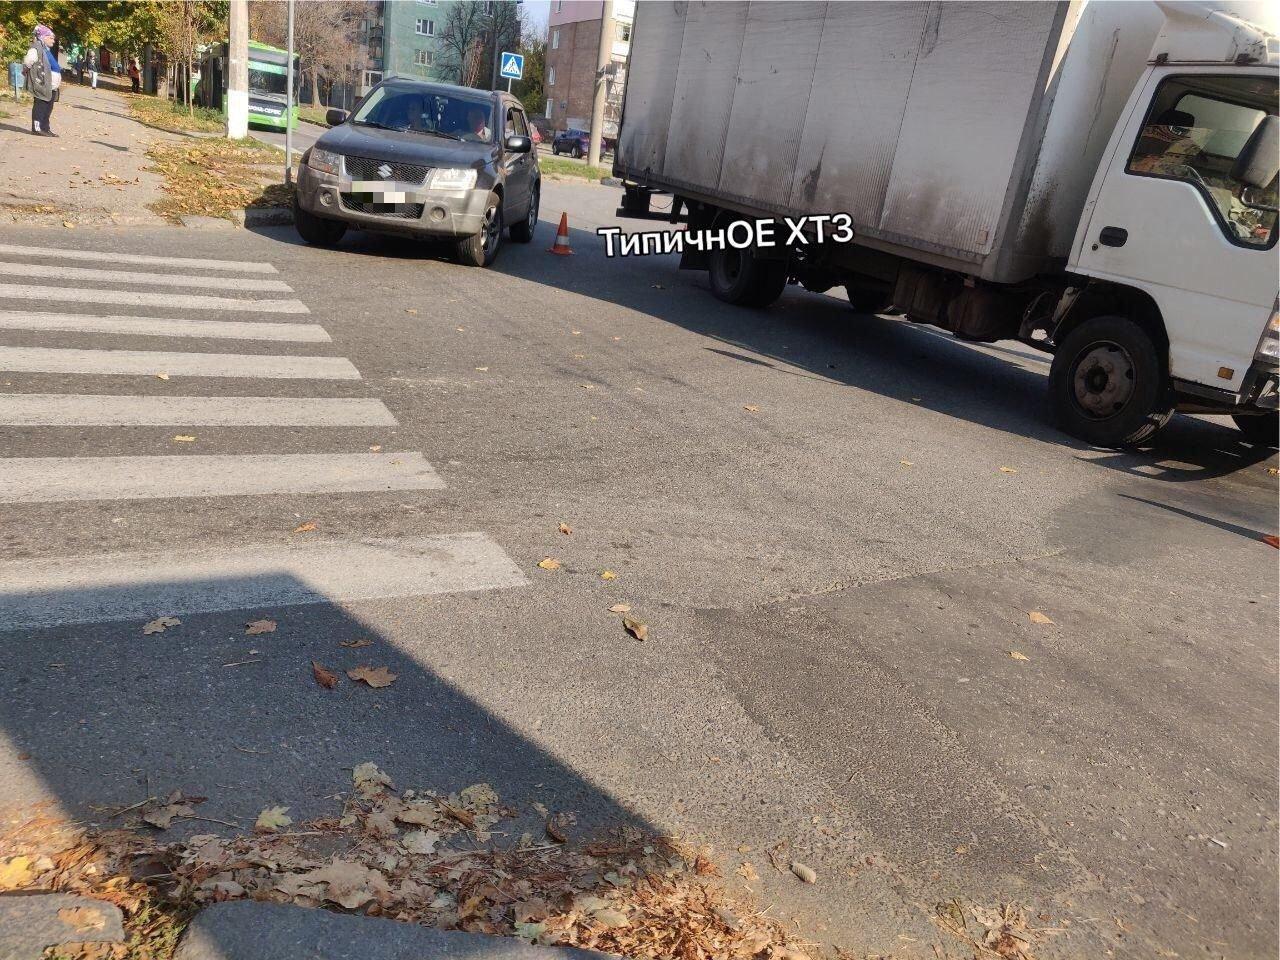 На перекрестке в Харькове легковой автомобиль въехал в грузовик, - ФОТО, фото-3